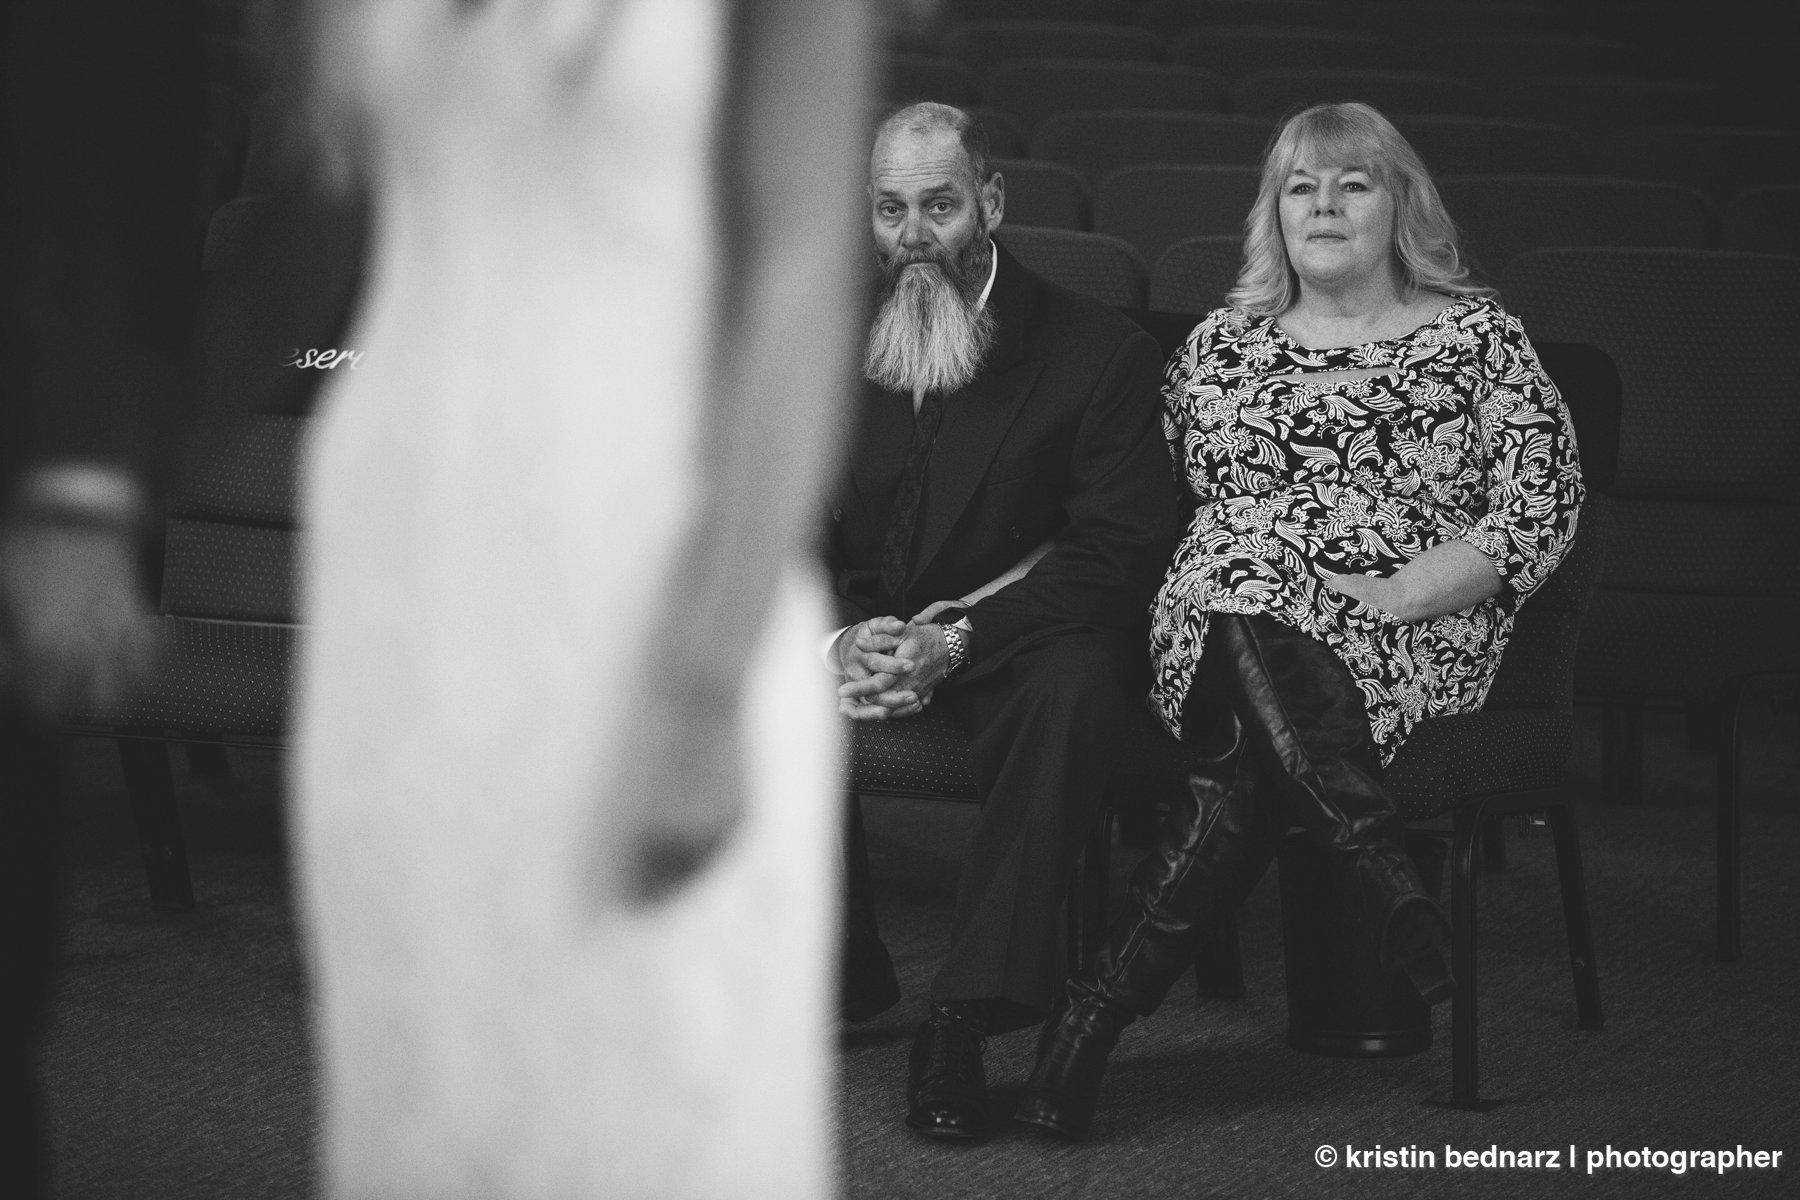 kristin_bednarz_wedding_photographer_20190214_00024sneak_peek.JPG